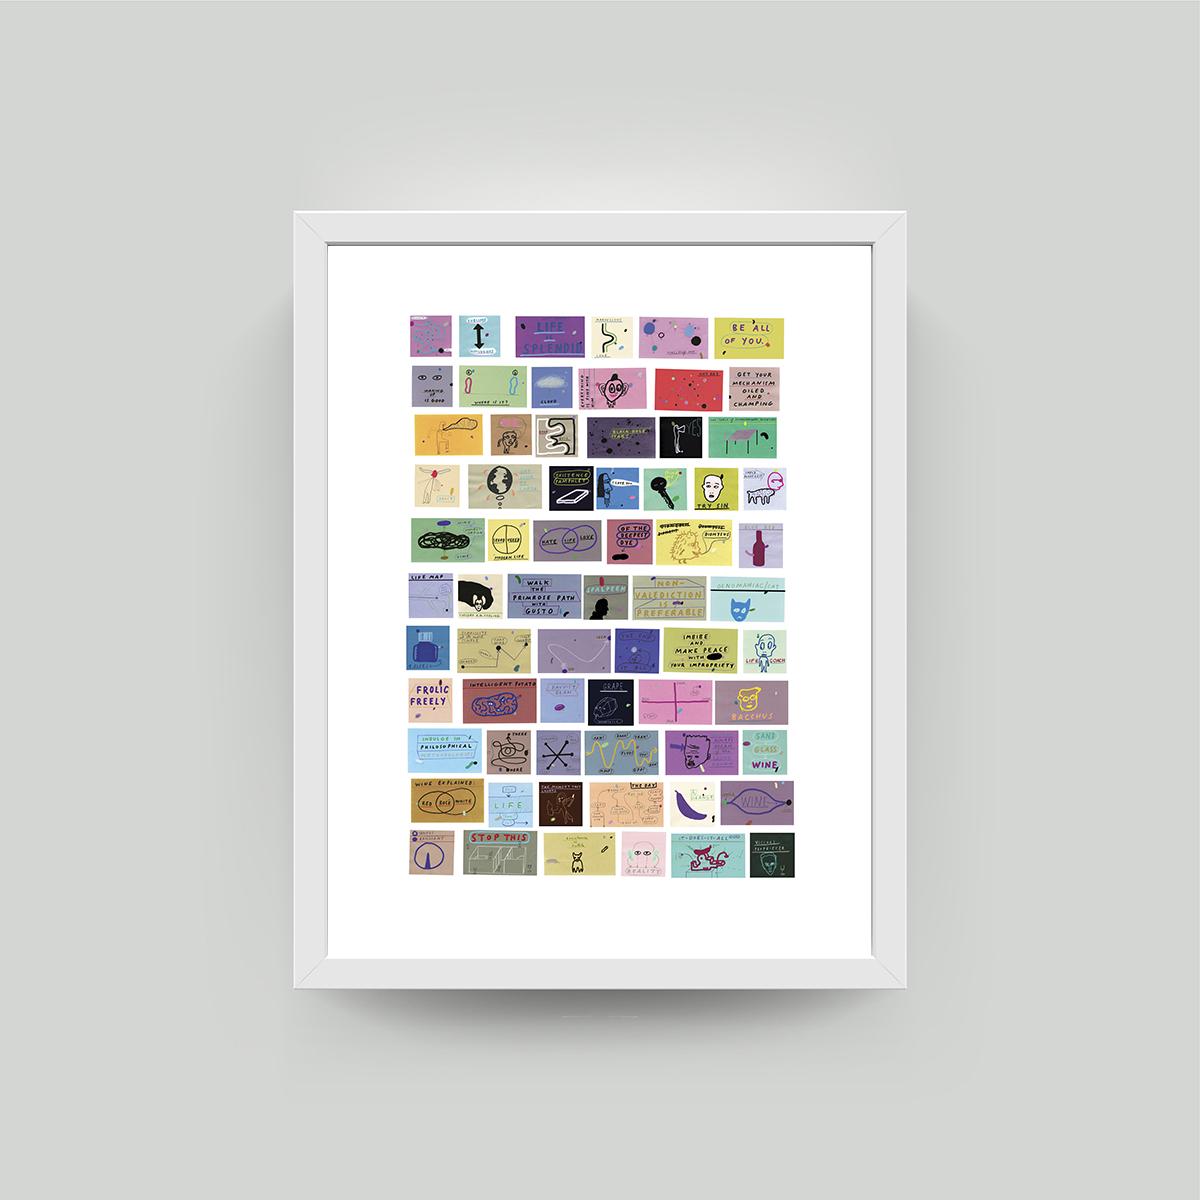 paul davis framed art